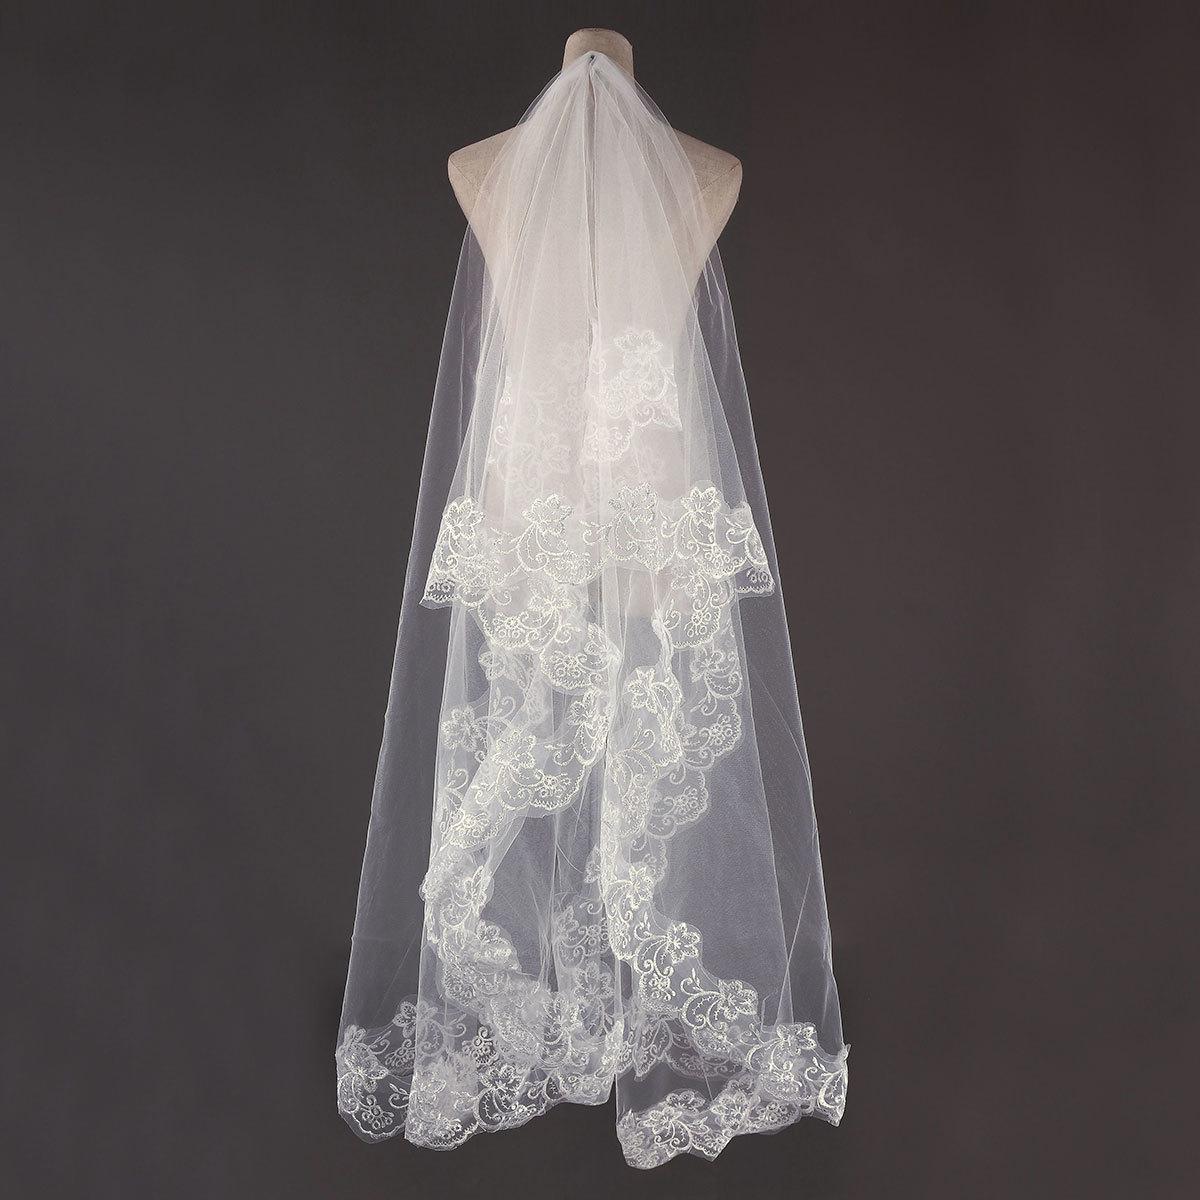 Harga 3 M 1 Layer Elegan Renda Bordiran Edge Pengantin Pernikahan Tudung Katedral Lantai Panjang Gading Baru Internasional Terbaru